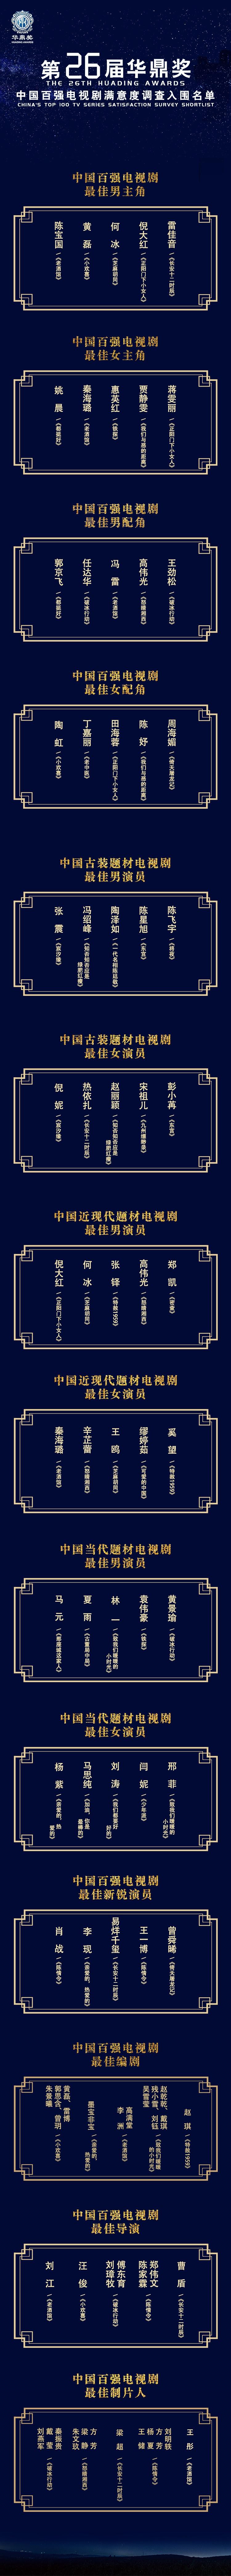 第26届华鼎奖提名名单出炉,百舸争流,谁能笑傲群雄?